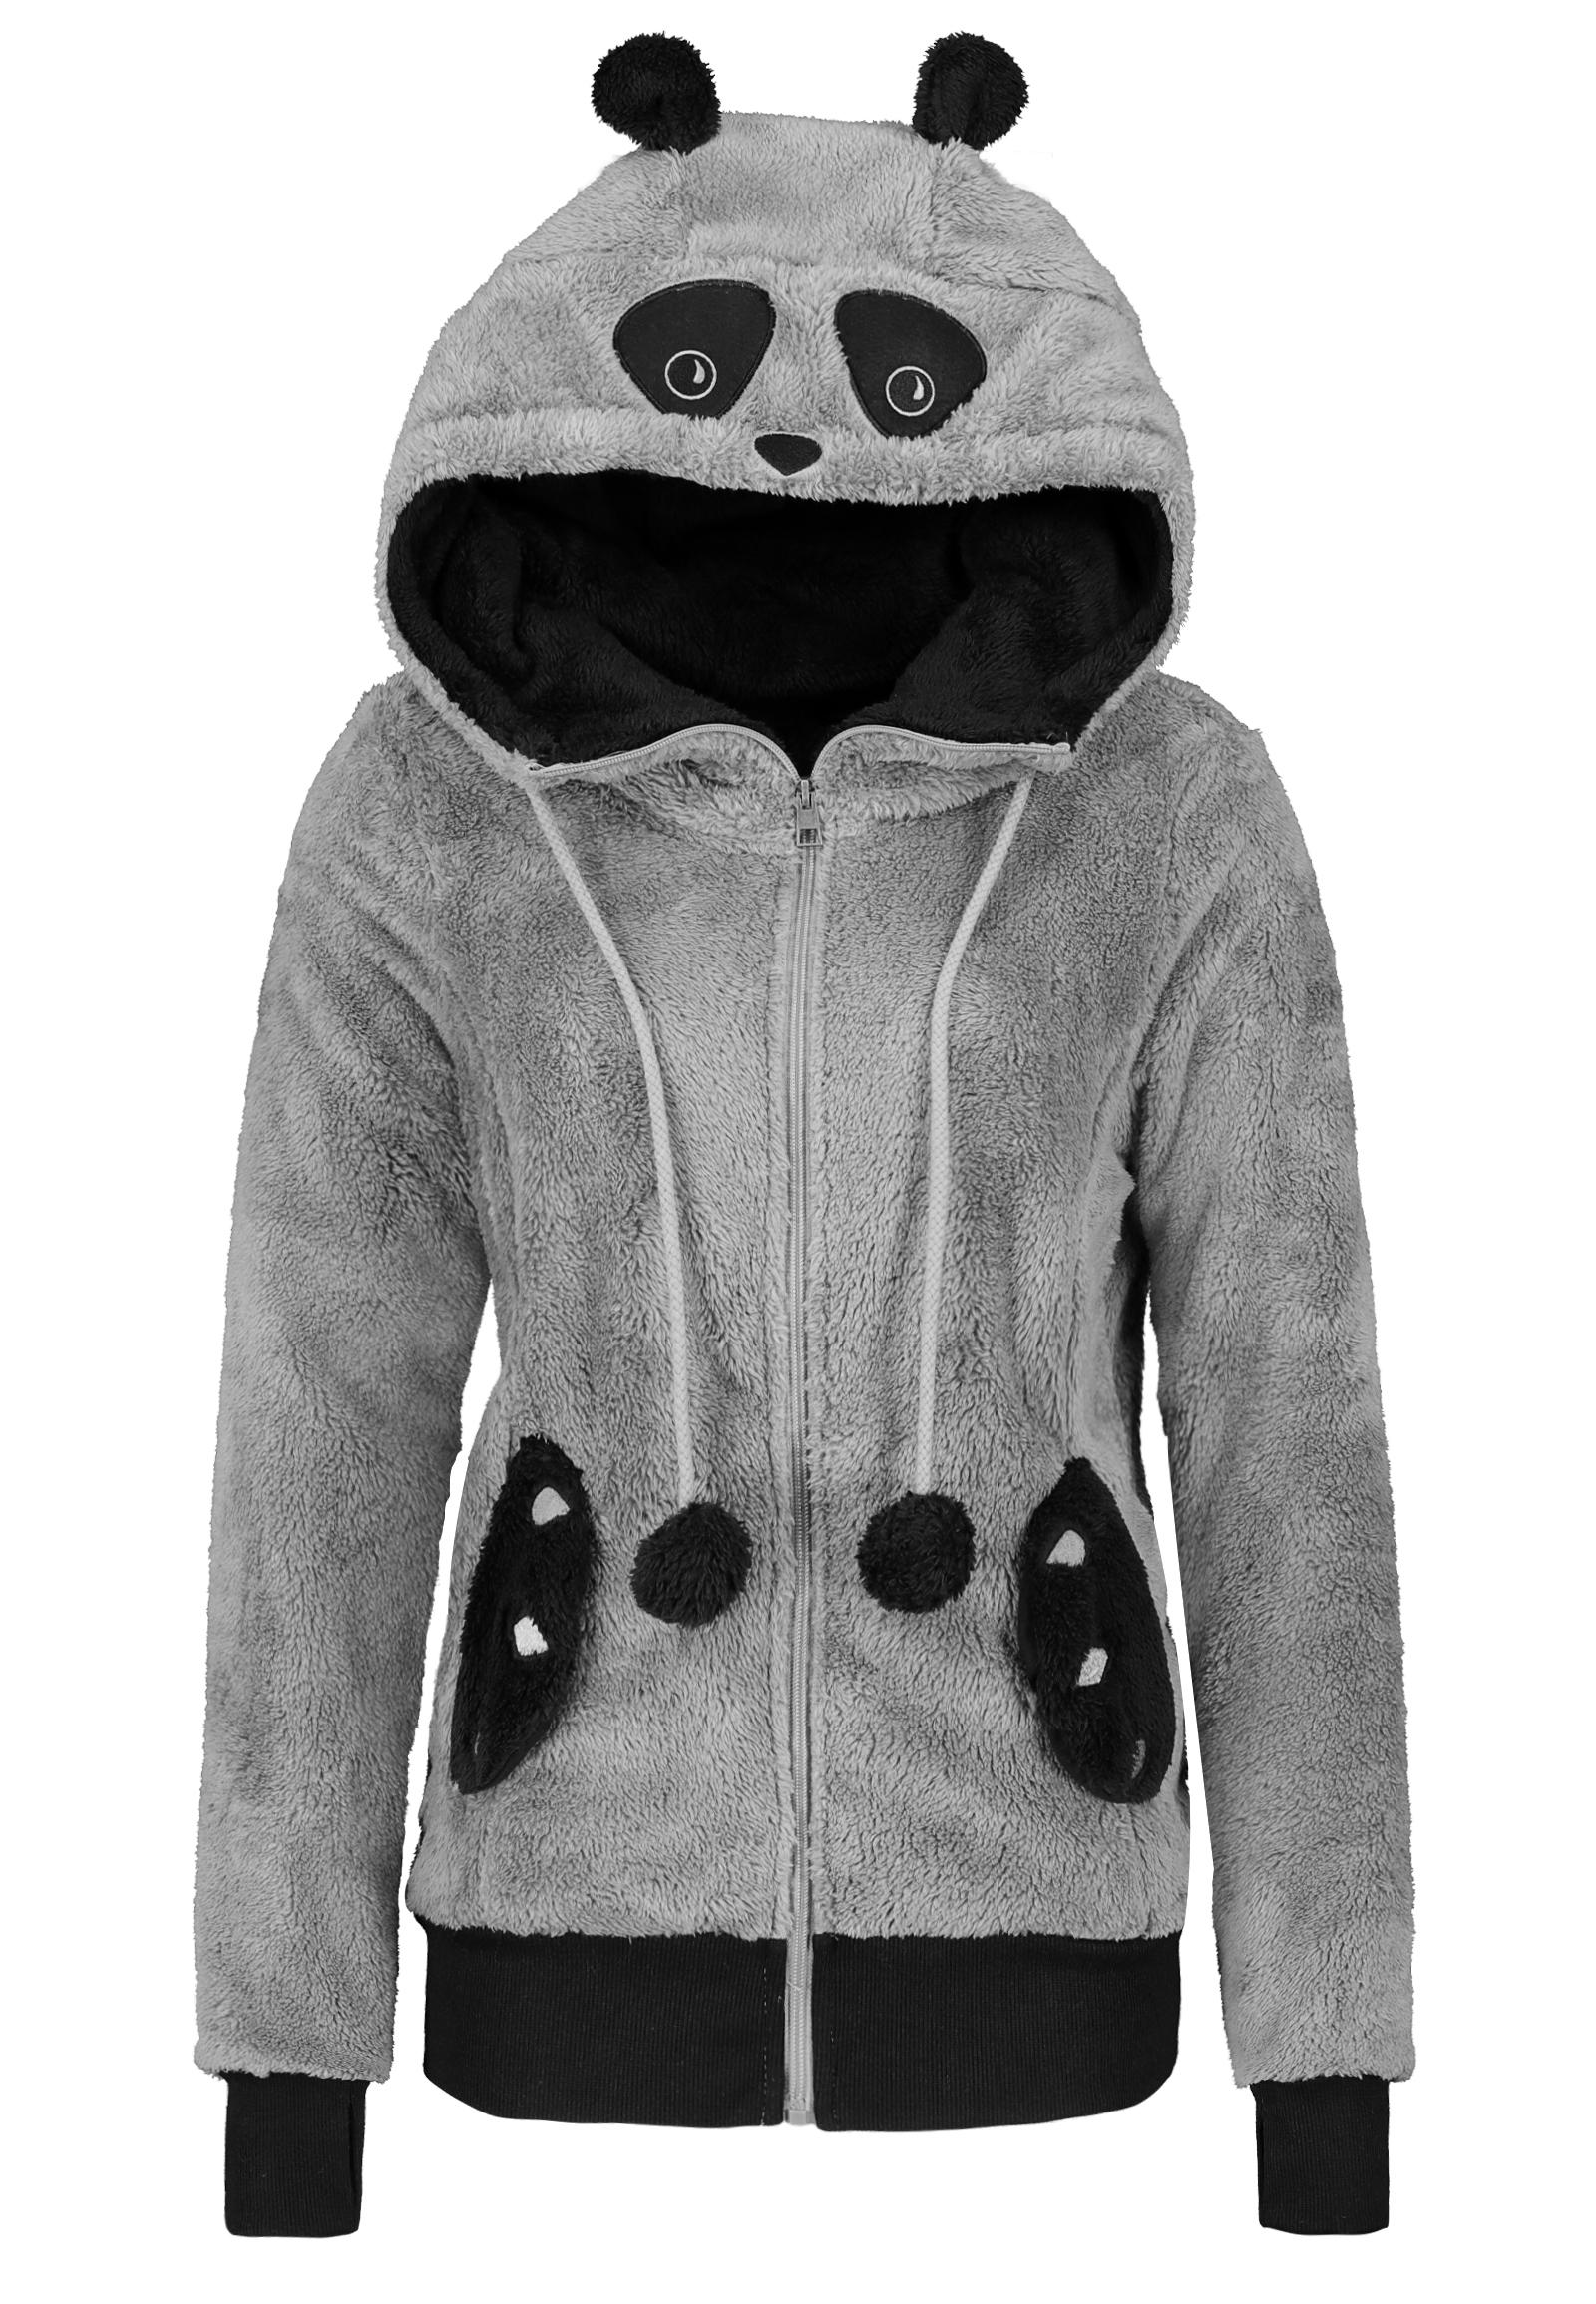 Teddy Fleecejacke Panda Damen Sublevel Damen Motiv Kapuze mit Ohren und Augen